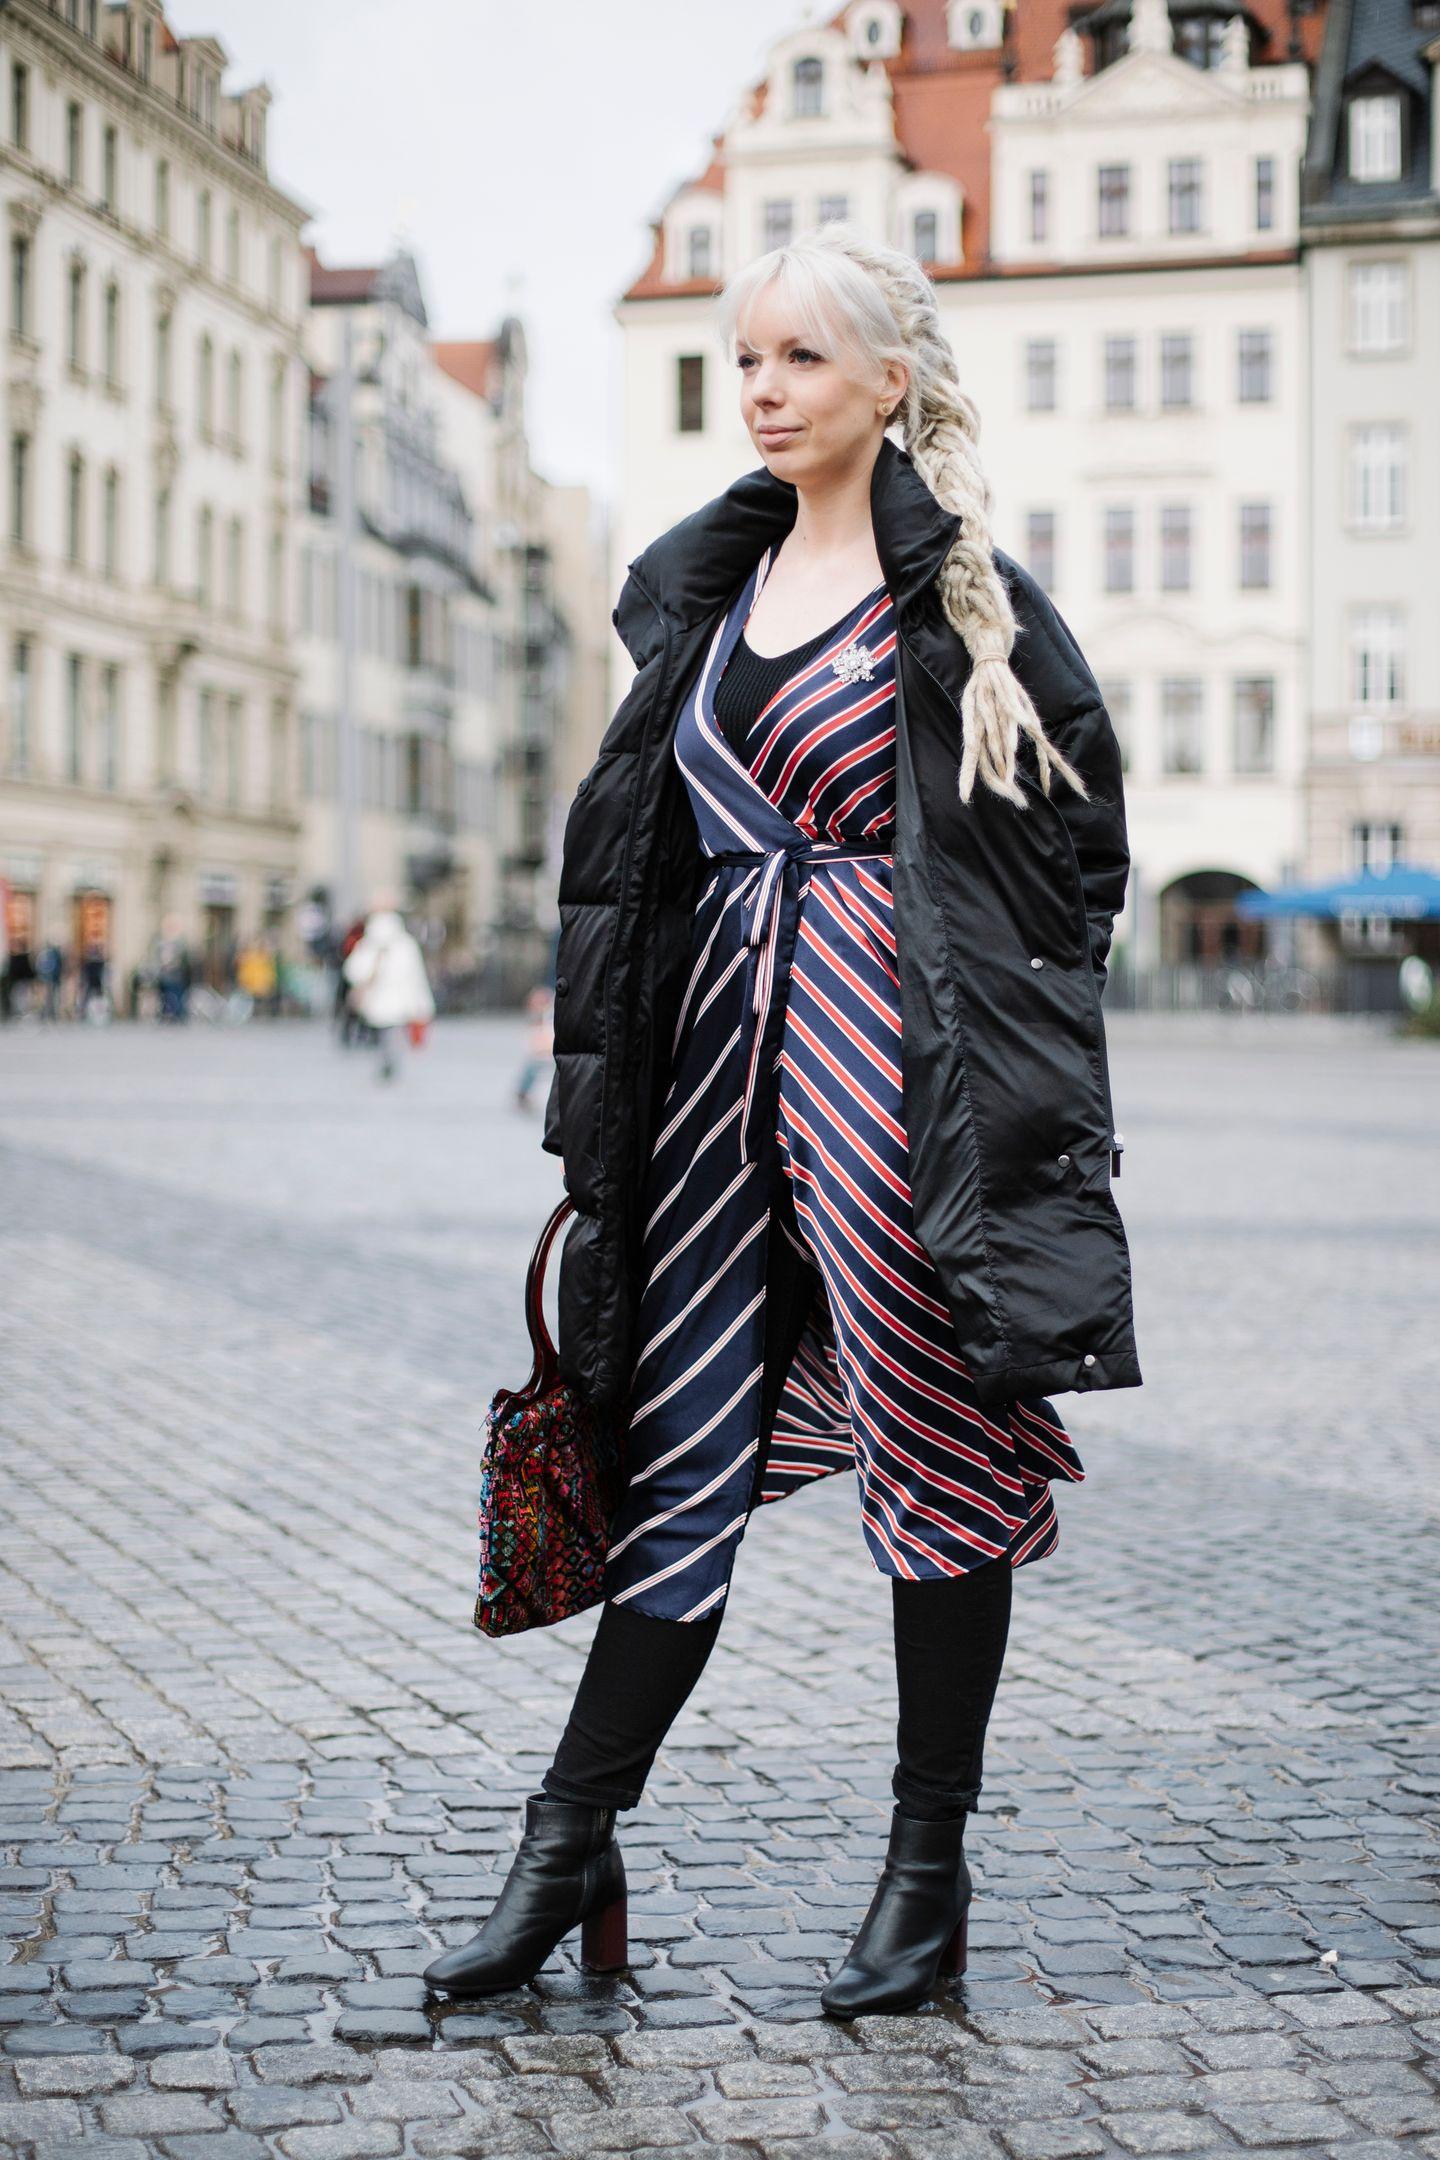 NEON-Streetstyle: Hanna aus Leipzig